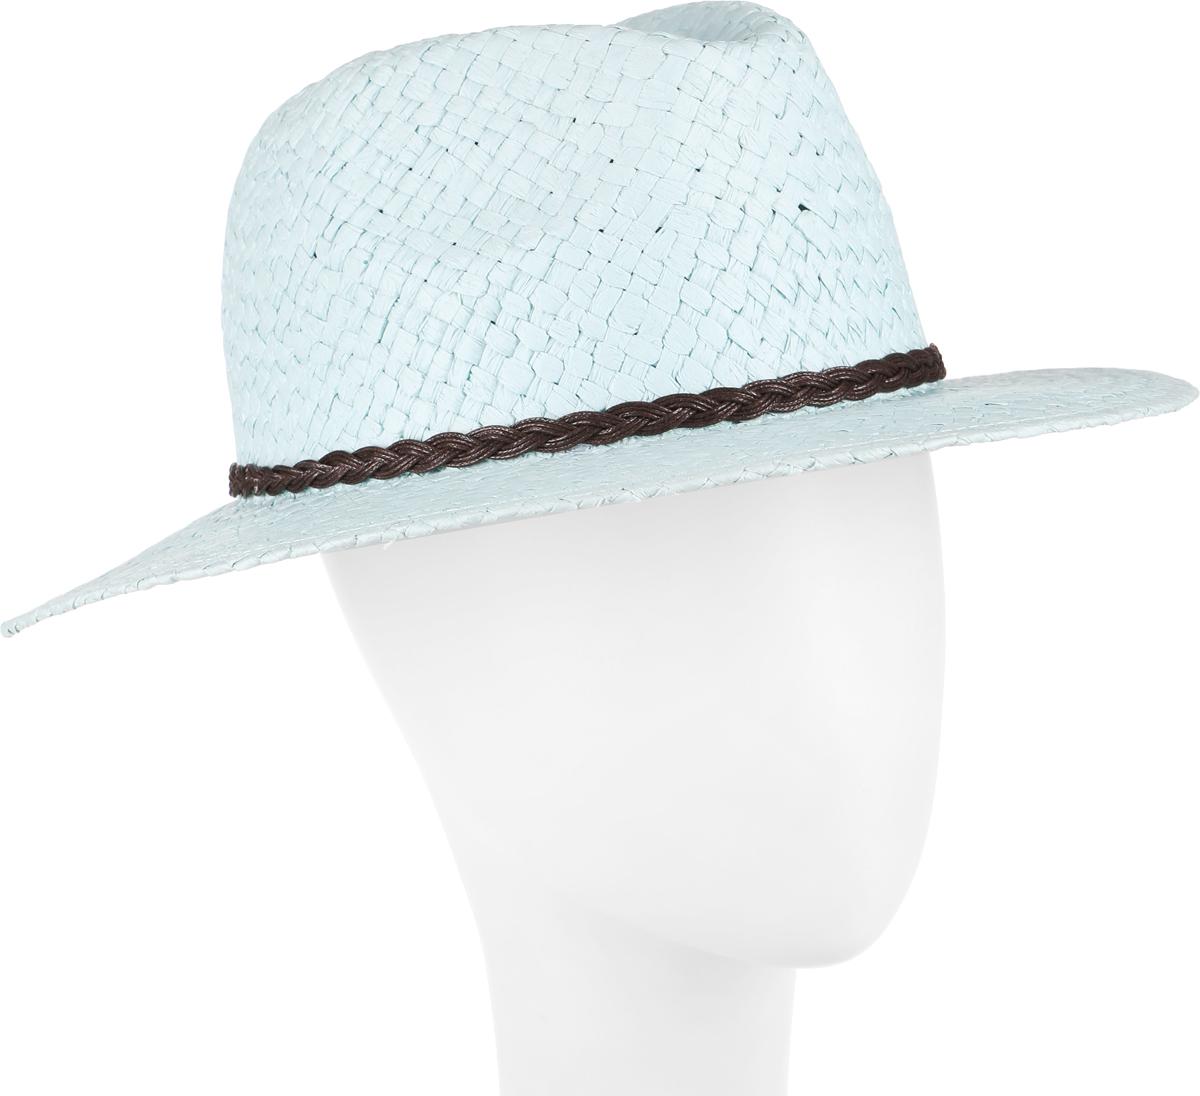 Шляпа женская Canoe Janet, цвет: бирюзовый. 1964195. Размер 561964195Широкополая классическая шляпа Canoe Janet, выполненная из искусственной соломы, украсит любой наряд и обеспечит надежную защиту головы от солнца. Крупное плетение шляпы обеспечивает необходимую вентиляцию и комфорт даже в самый знойный день. Изделие легко восстанавливает свою форму после сжатия. Оформлена модель декоративной плетеной косичкой.Легкая и комфортная шляпка подчеркнет вашу неповторимость и дополнит ваш повседневный образ.